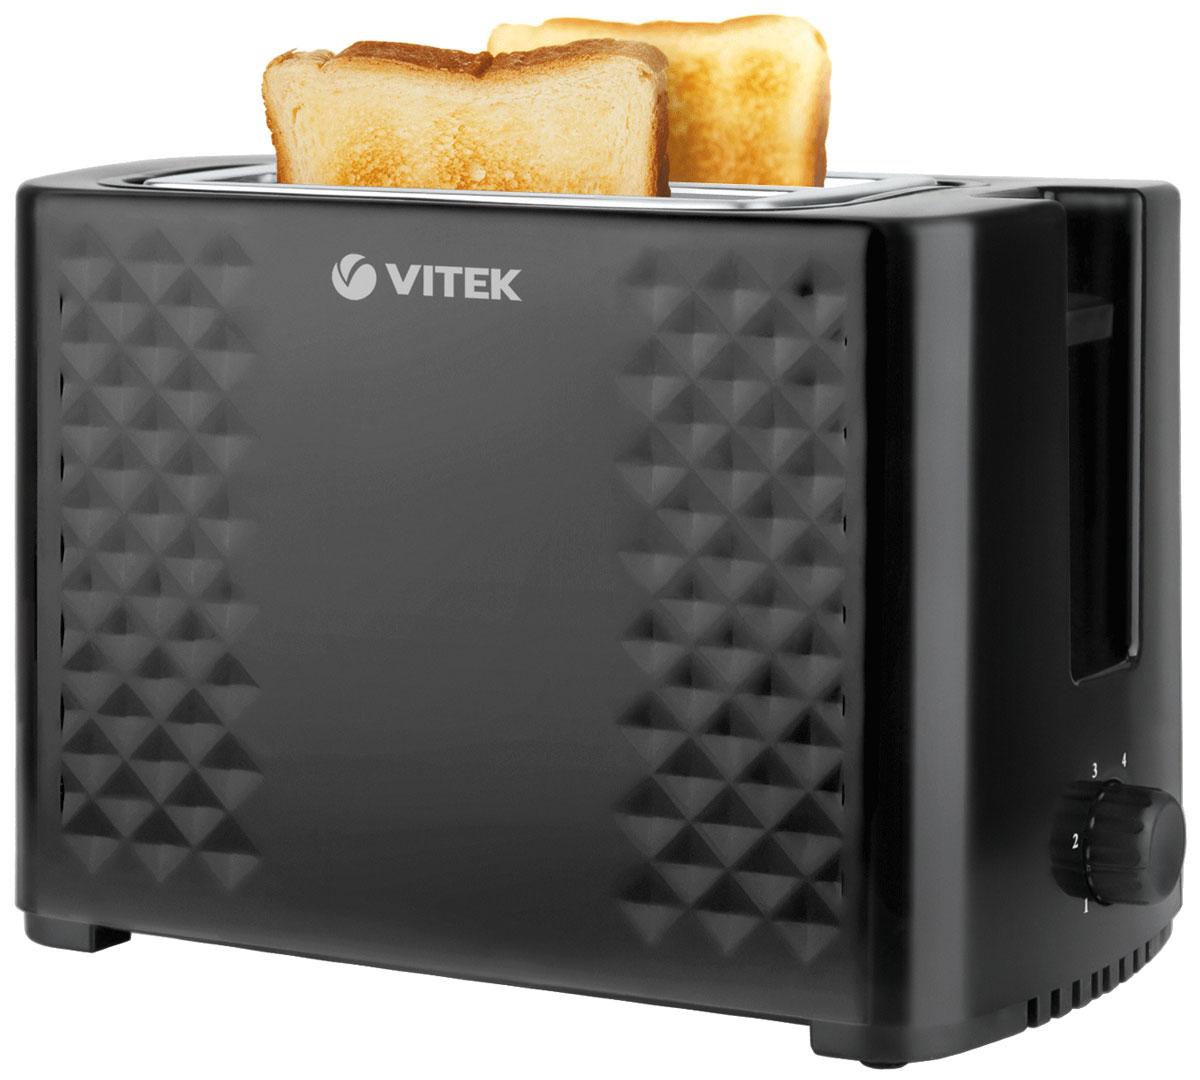 Vitek VT-1586(BK) тостерVT-1586(BK)Тостер Vitek VT-1586(BK) станет настоящей изюминкой вашей кухни. Он прекрасно будет смотреться в тендеме с самой современной кухонной техникой. С данным тостером приготовить вкусный завтрак не составит труда. При этом вы не обожжетесь при использовании устройства, поскольку теплоизолированные стенки не нагреваются. Удобно расположенная панель управления позволит вам установить нужный режим обжарки или подогрева тостов. Надежный и качественный тостер будет радовать вас долго.